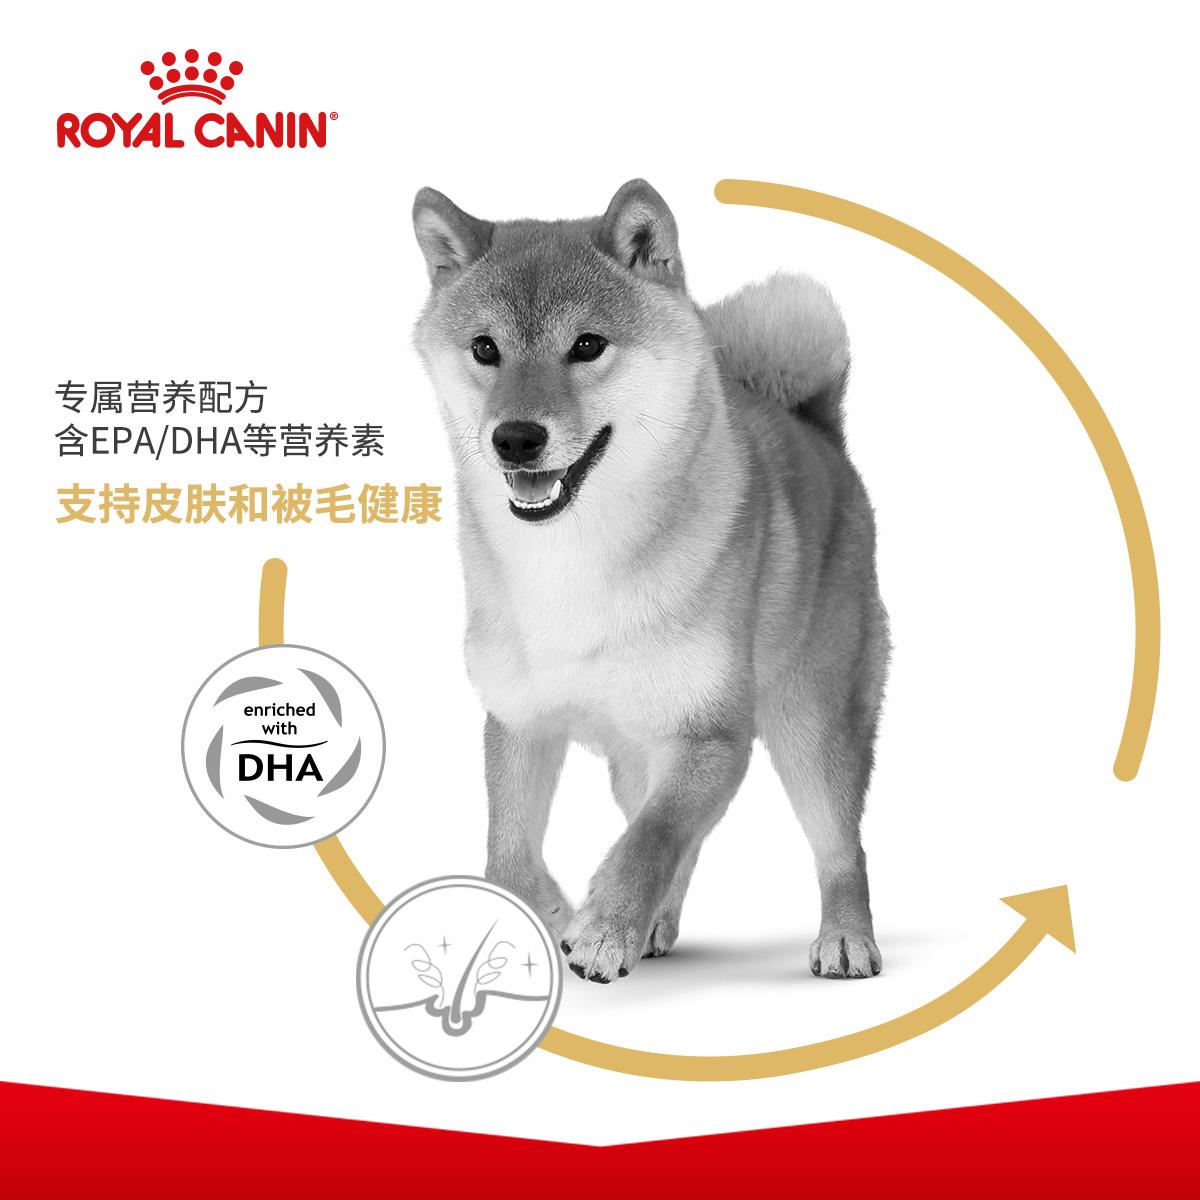 柴犬狗粮皇家官方授权SIA26专用3kg日本秋田犬中型犬狗成犬粮6斤优惠券